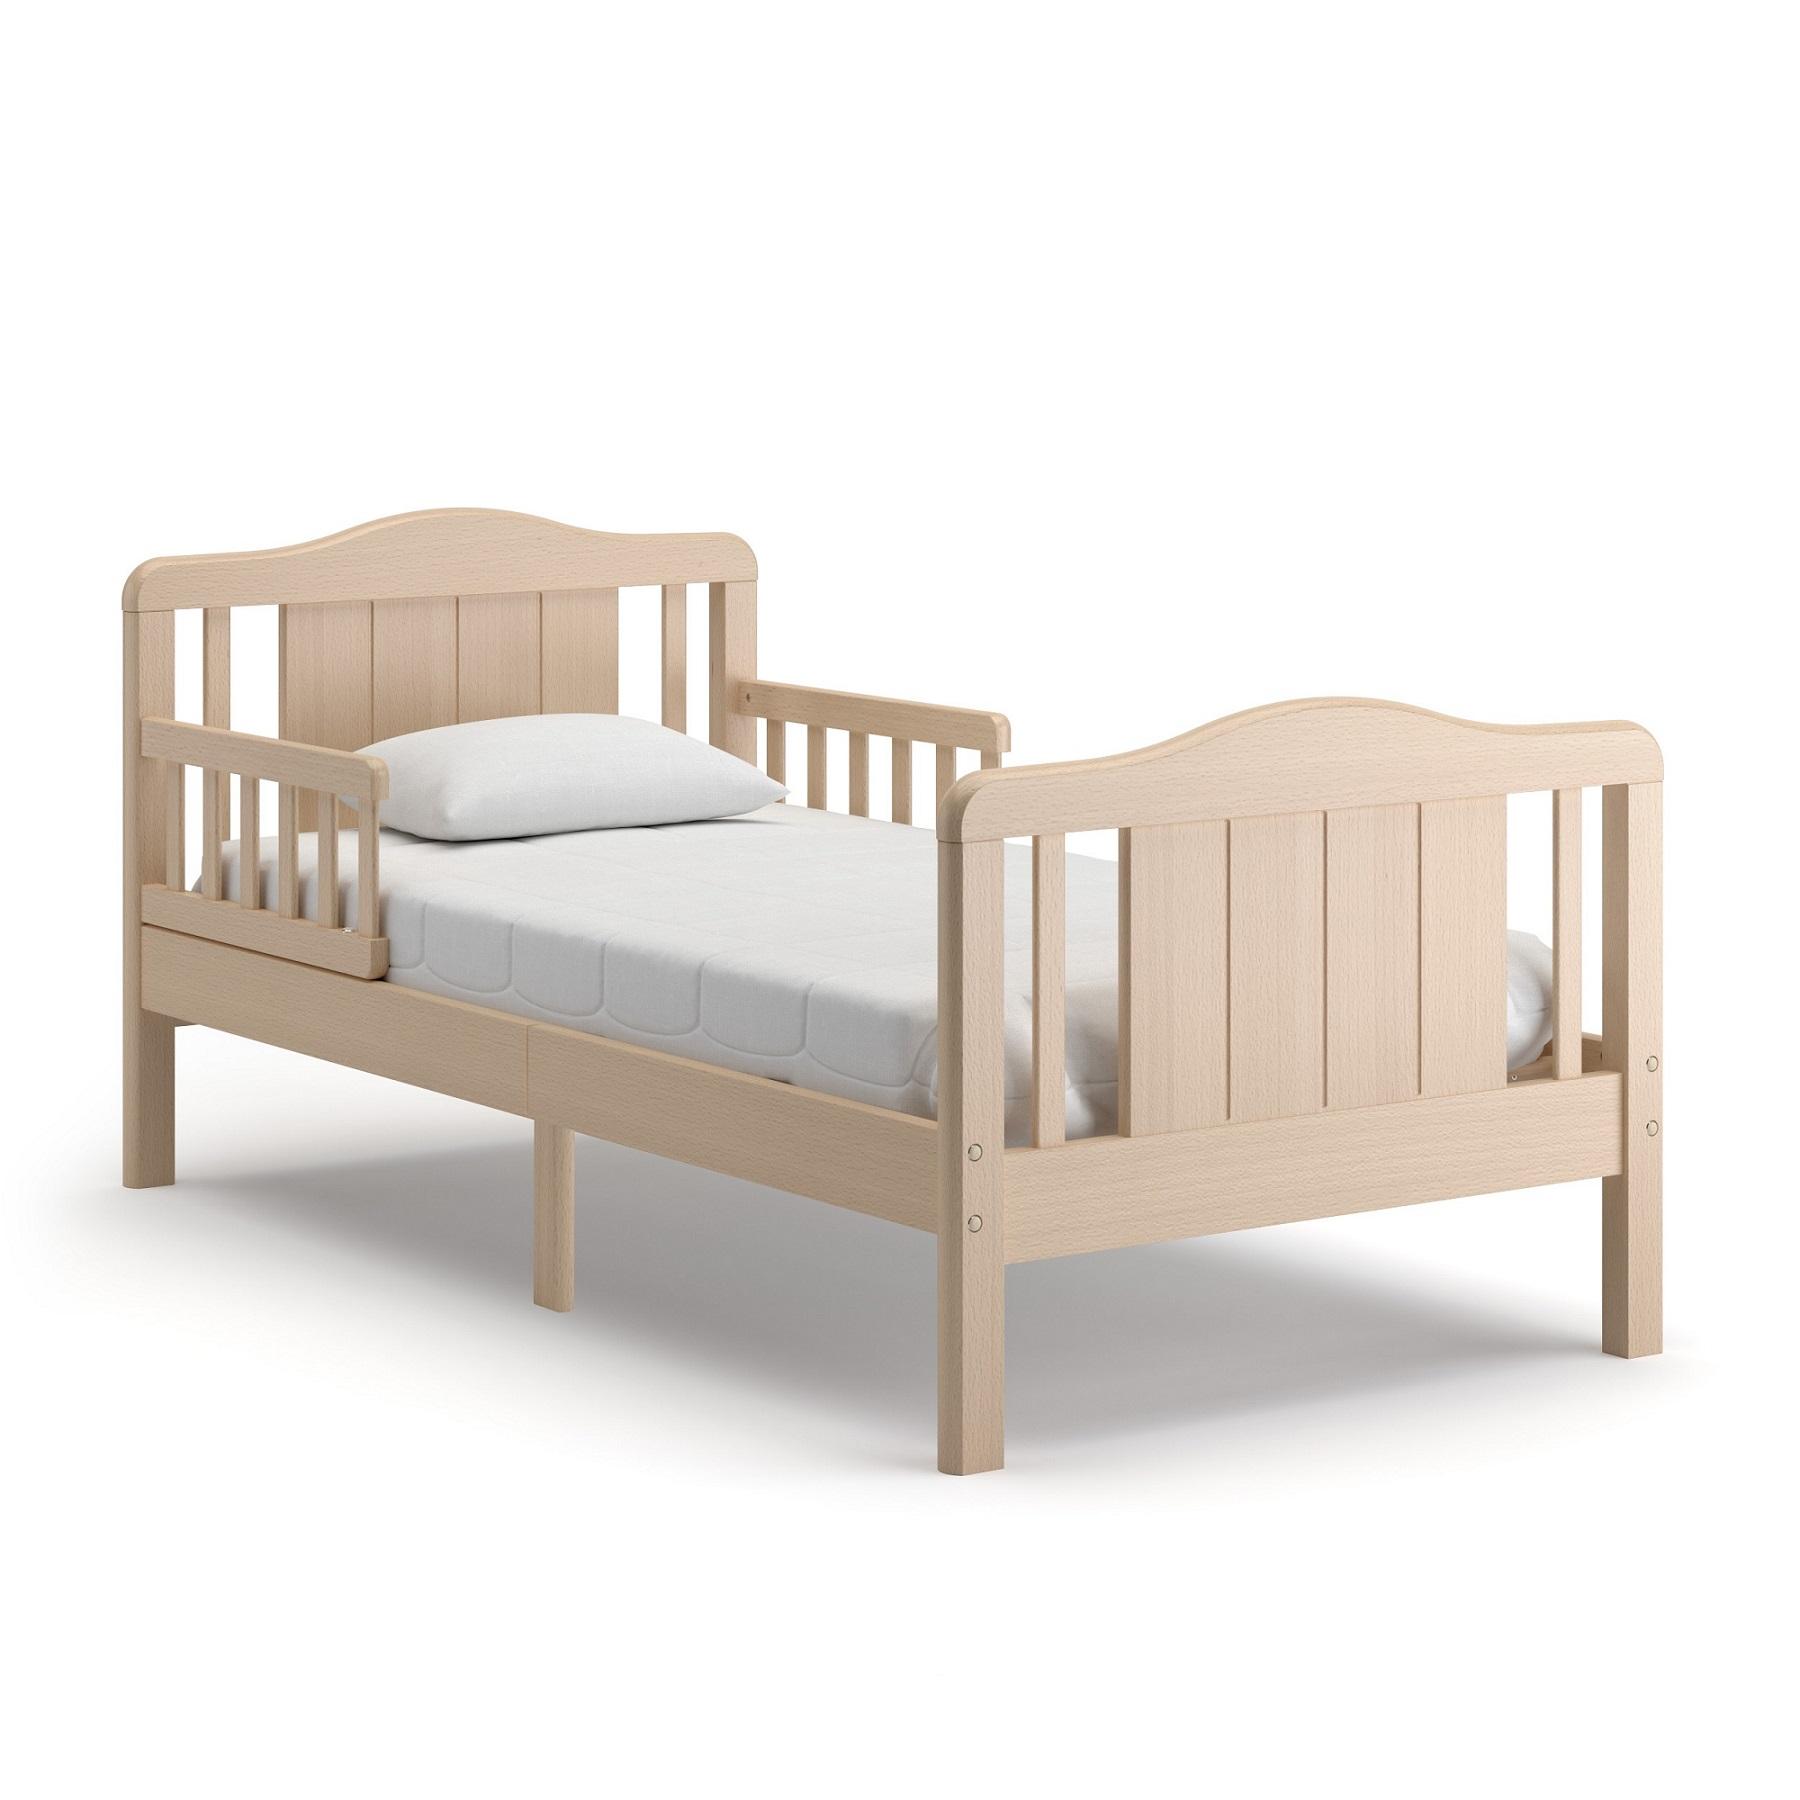 Купить Подростковая кровать Nuovita Volo, цвет - Sbiancato / Отбеленный